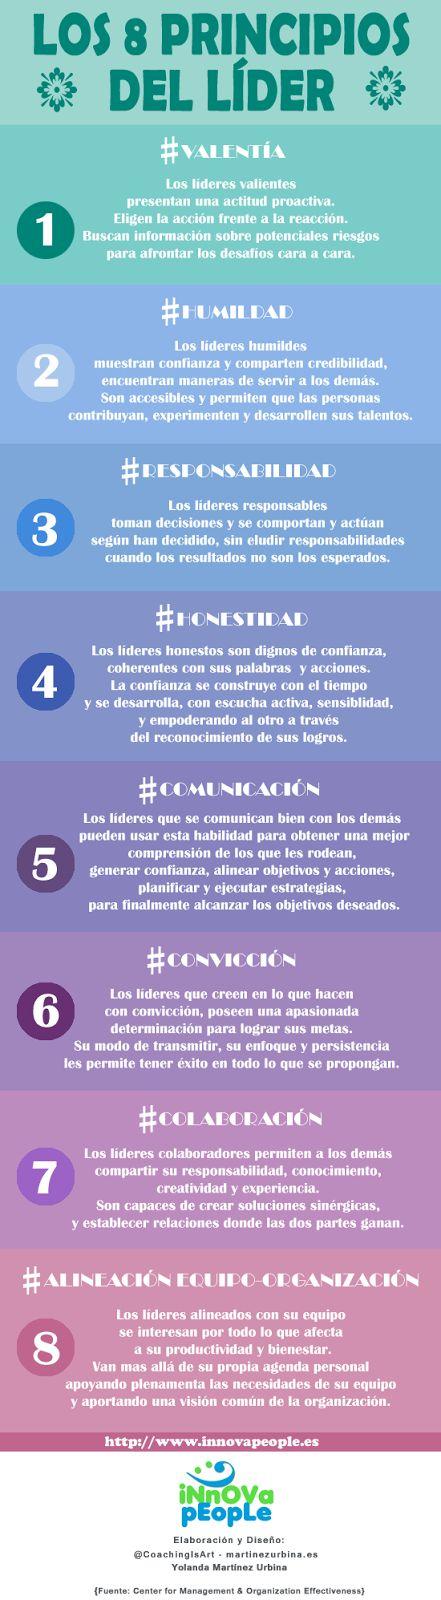 Personas, Redes Sociales y Organizaciones: Los 8 principios del líder excelente (infografía)